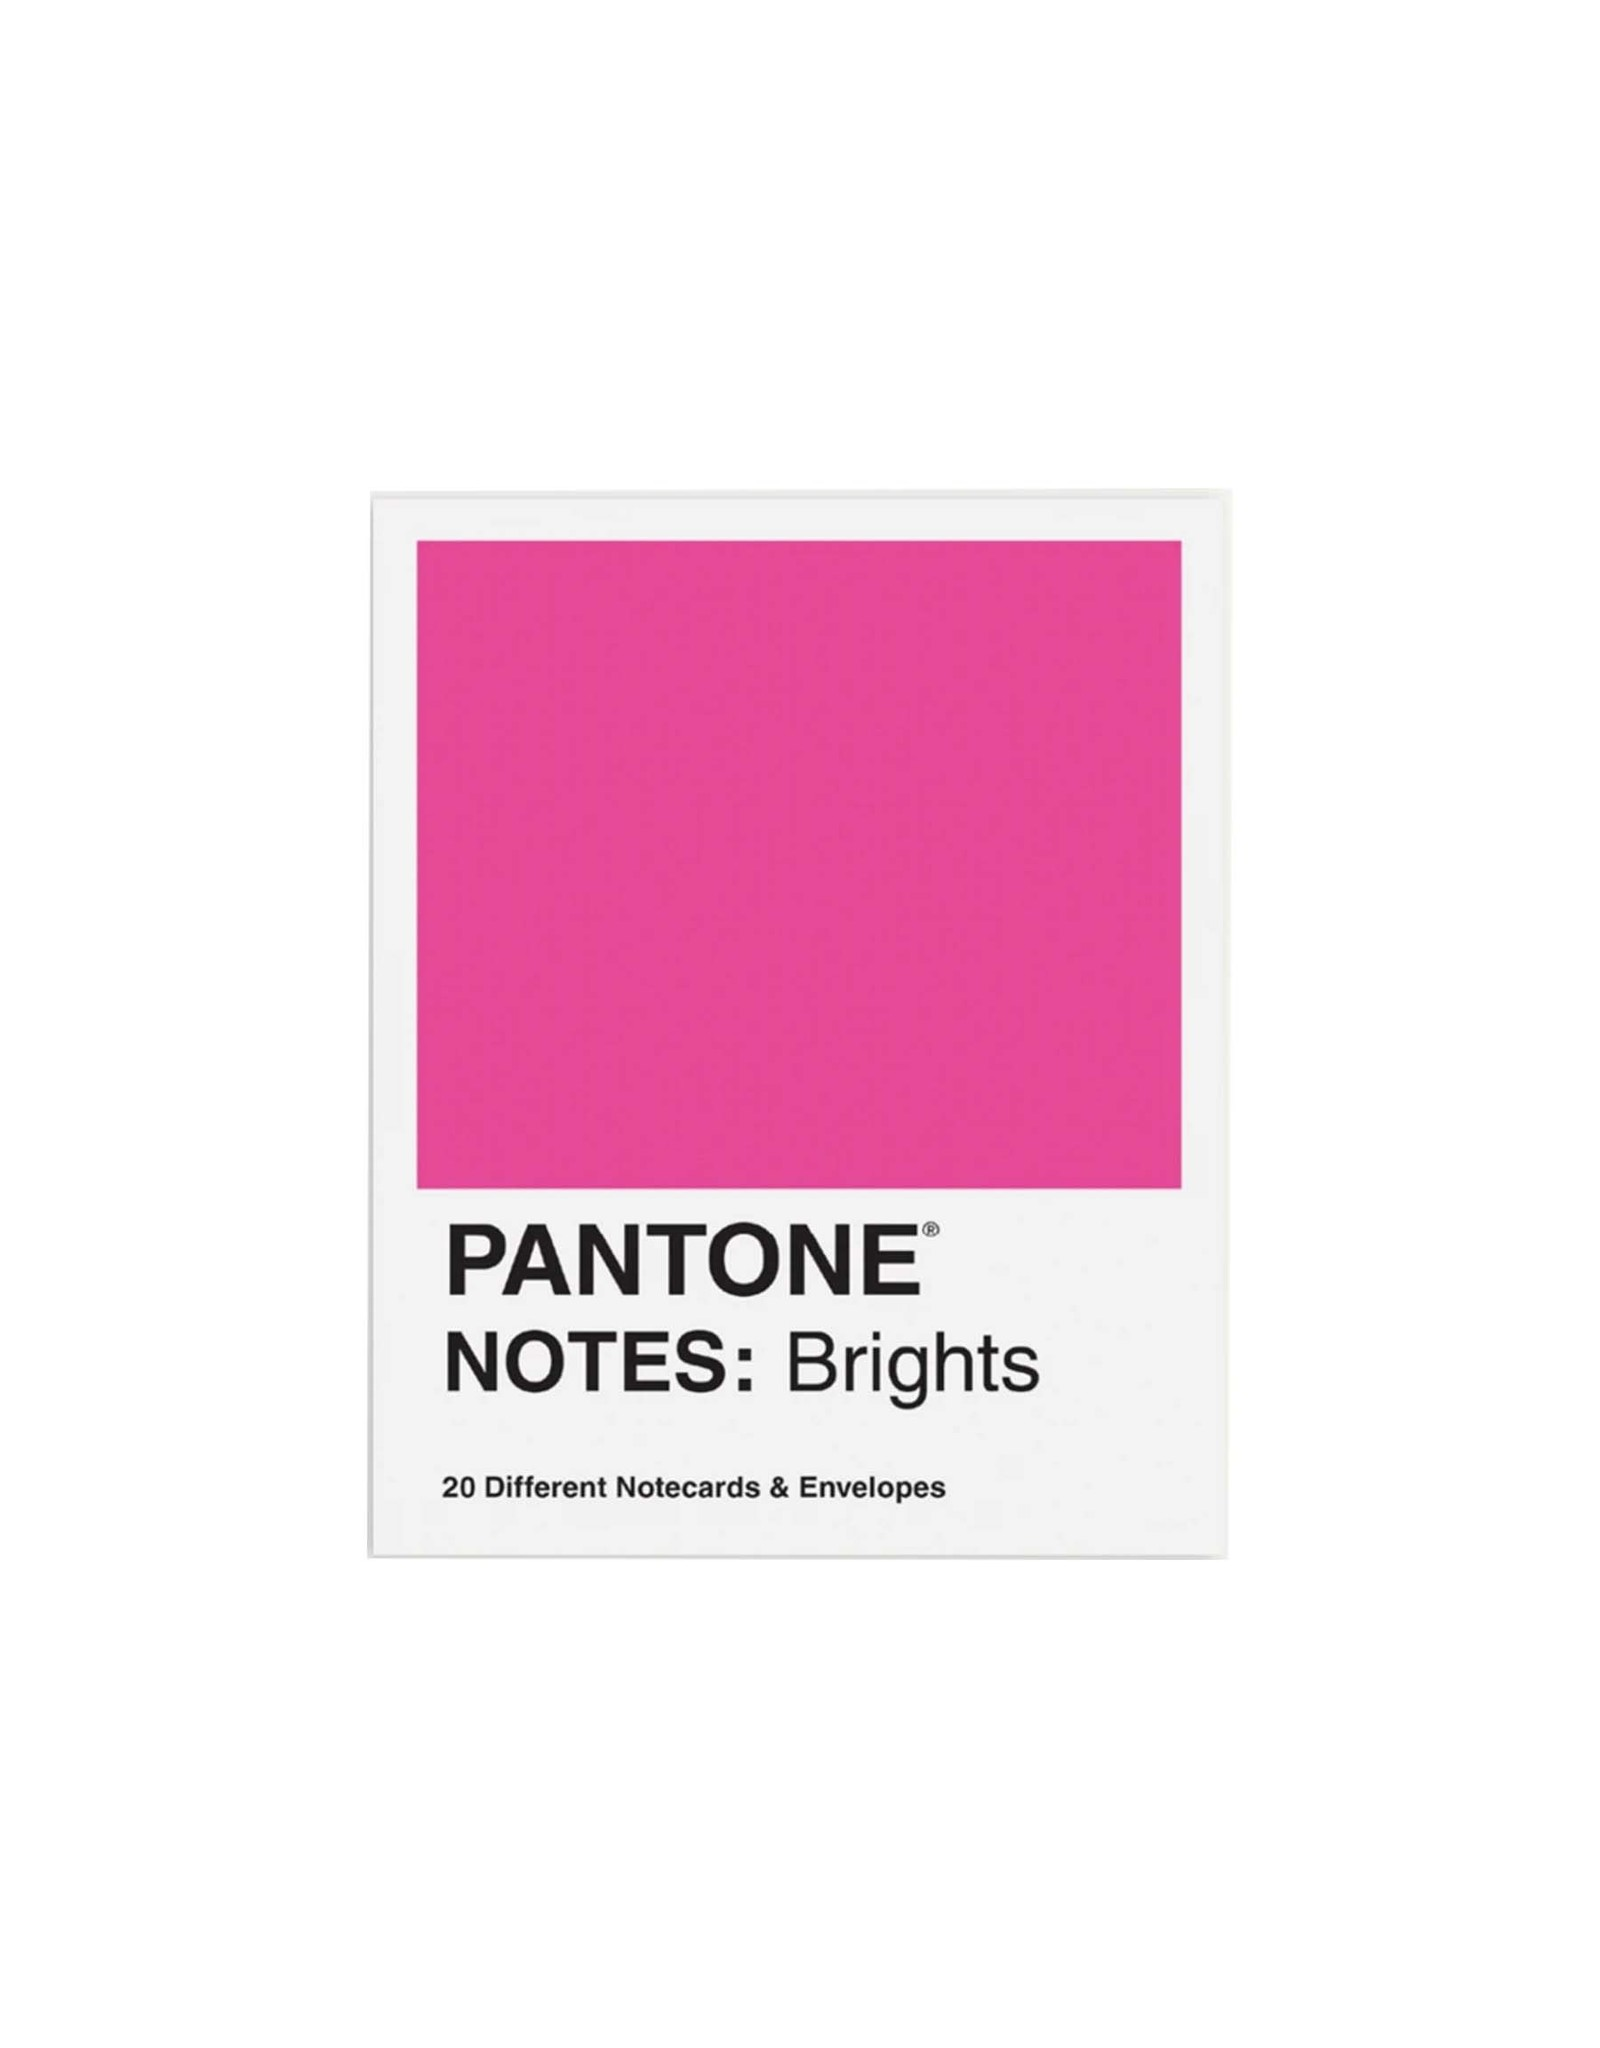 Pantone Notes: Brights